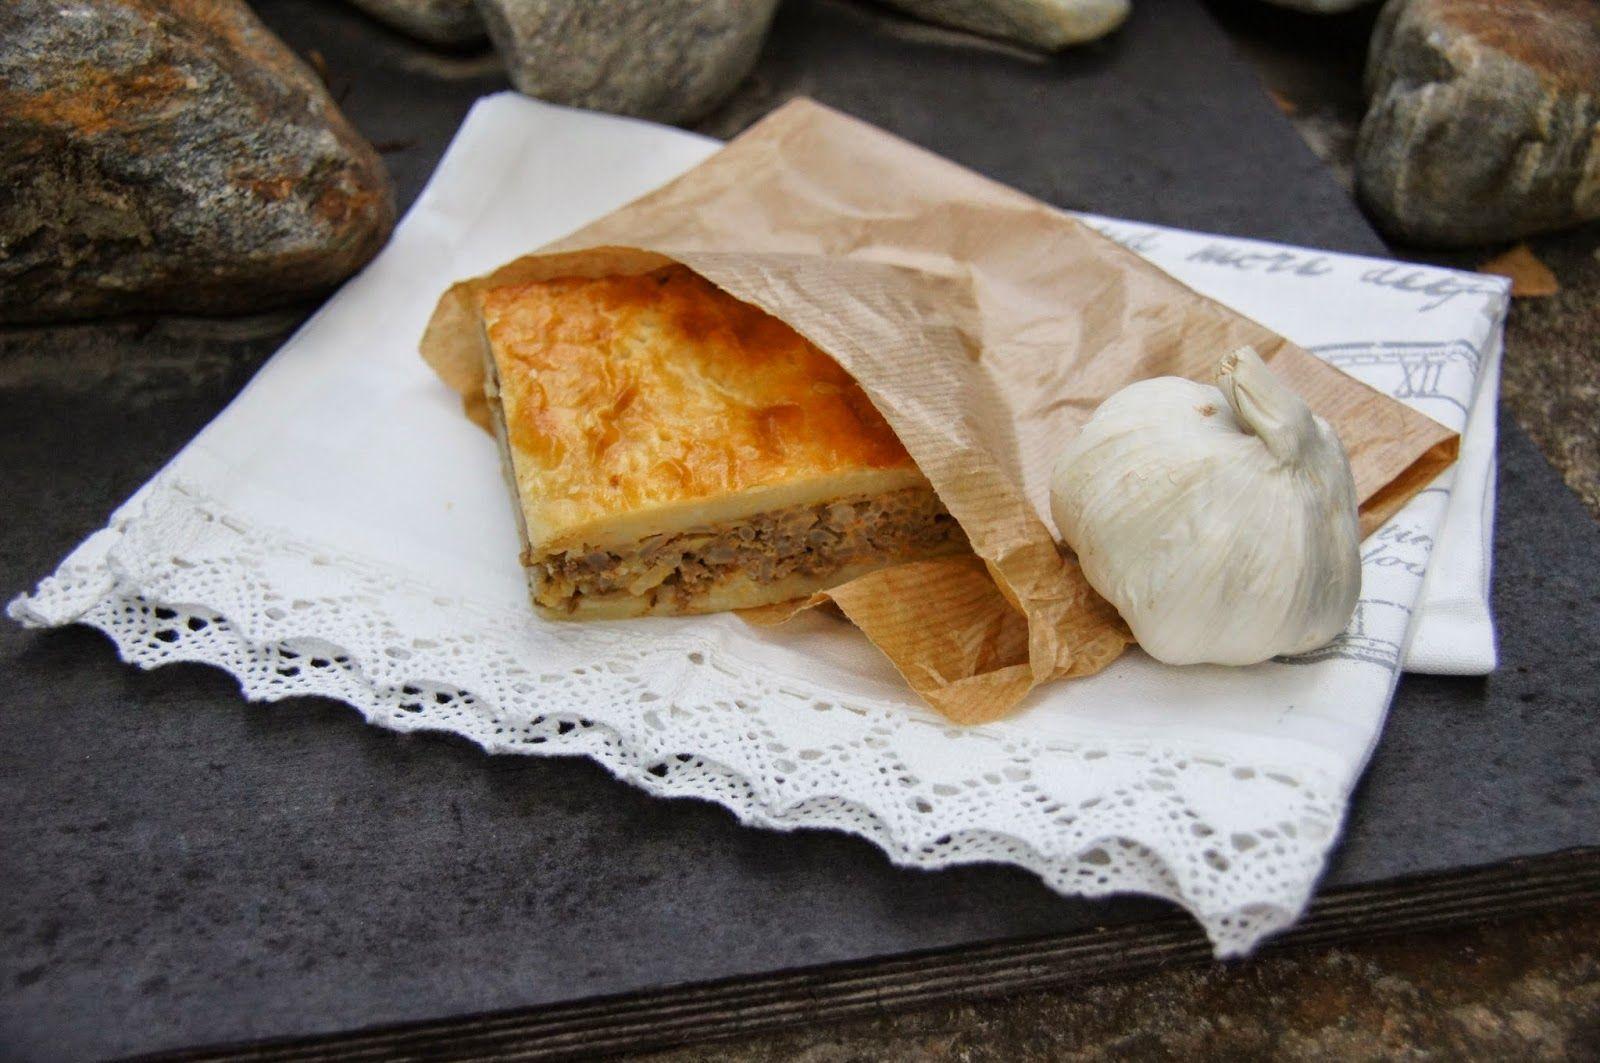 Terhin keittiössä - ruokablogi: Vanhanajan lihapiirakka vie kielen mennessään! (voiskohan tehdä gluteenittomana ja maidottomana versiona jotenkin...?)